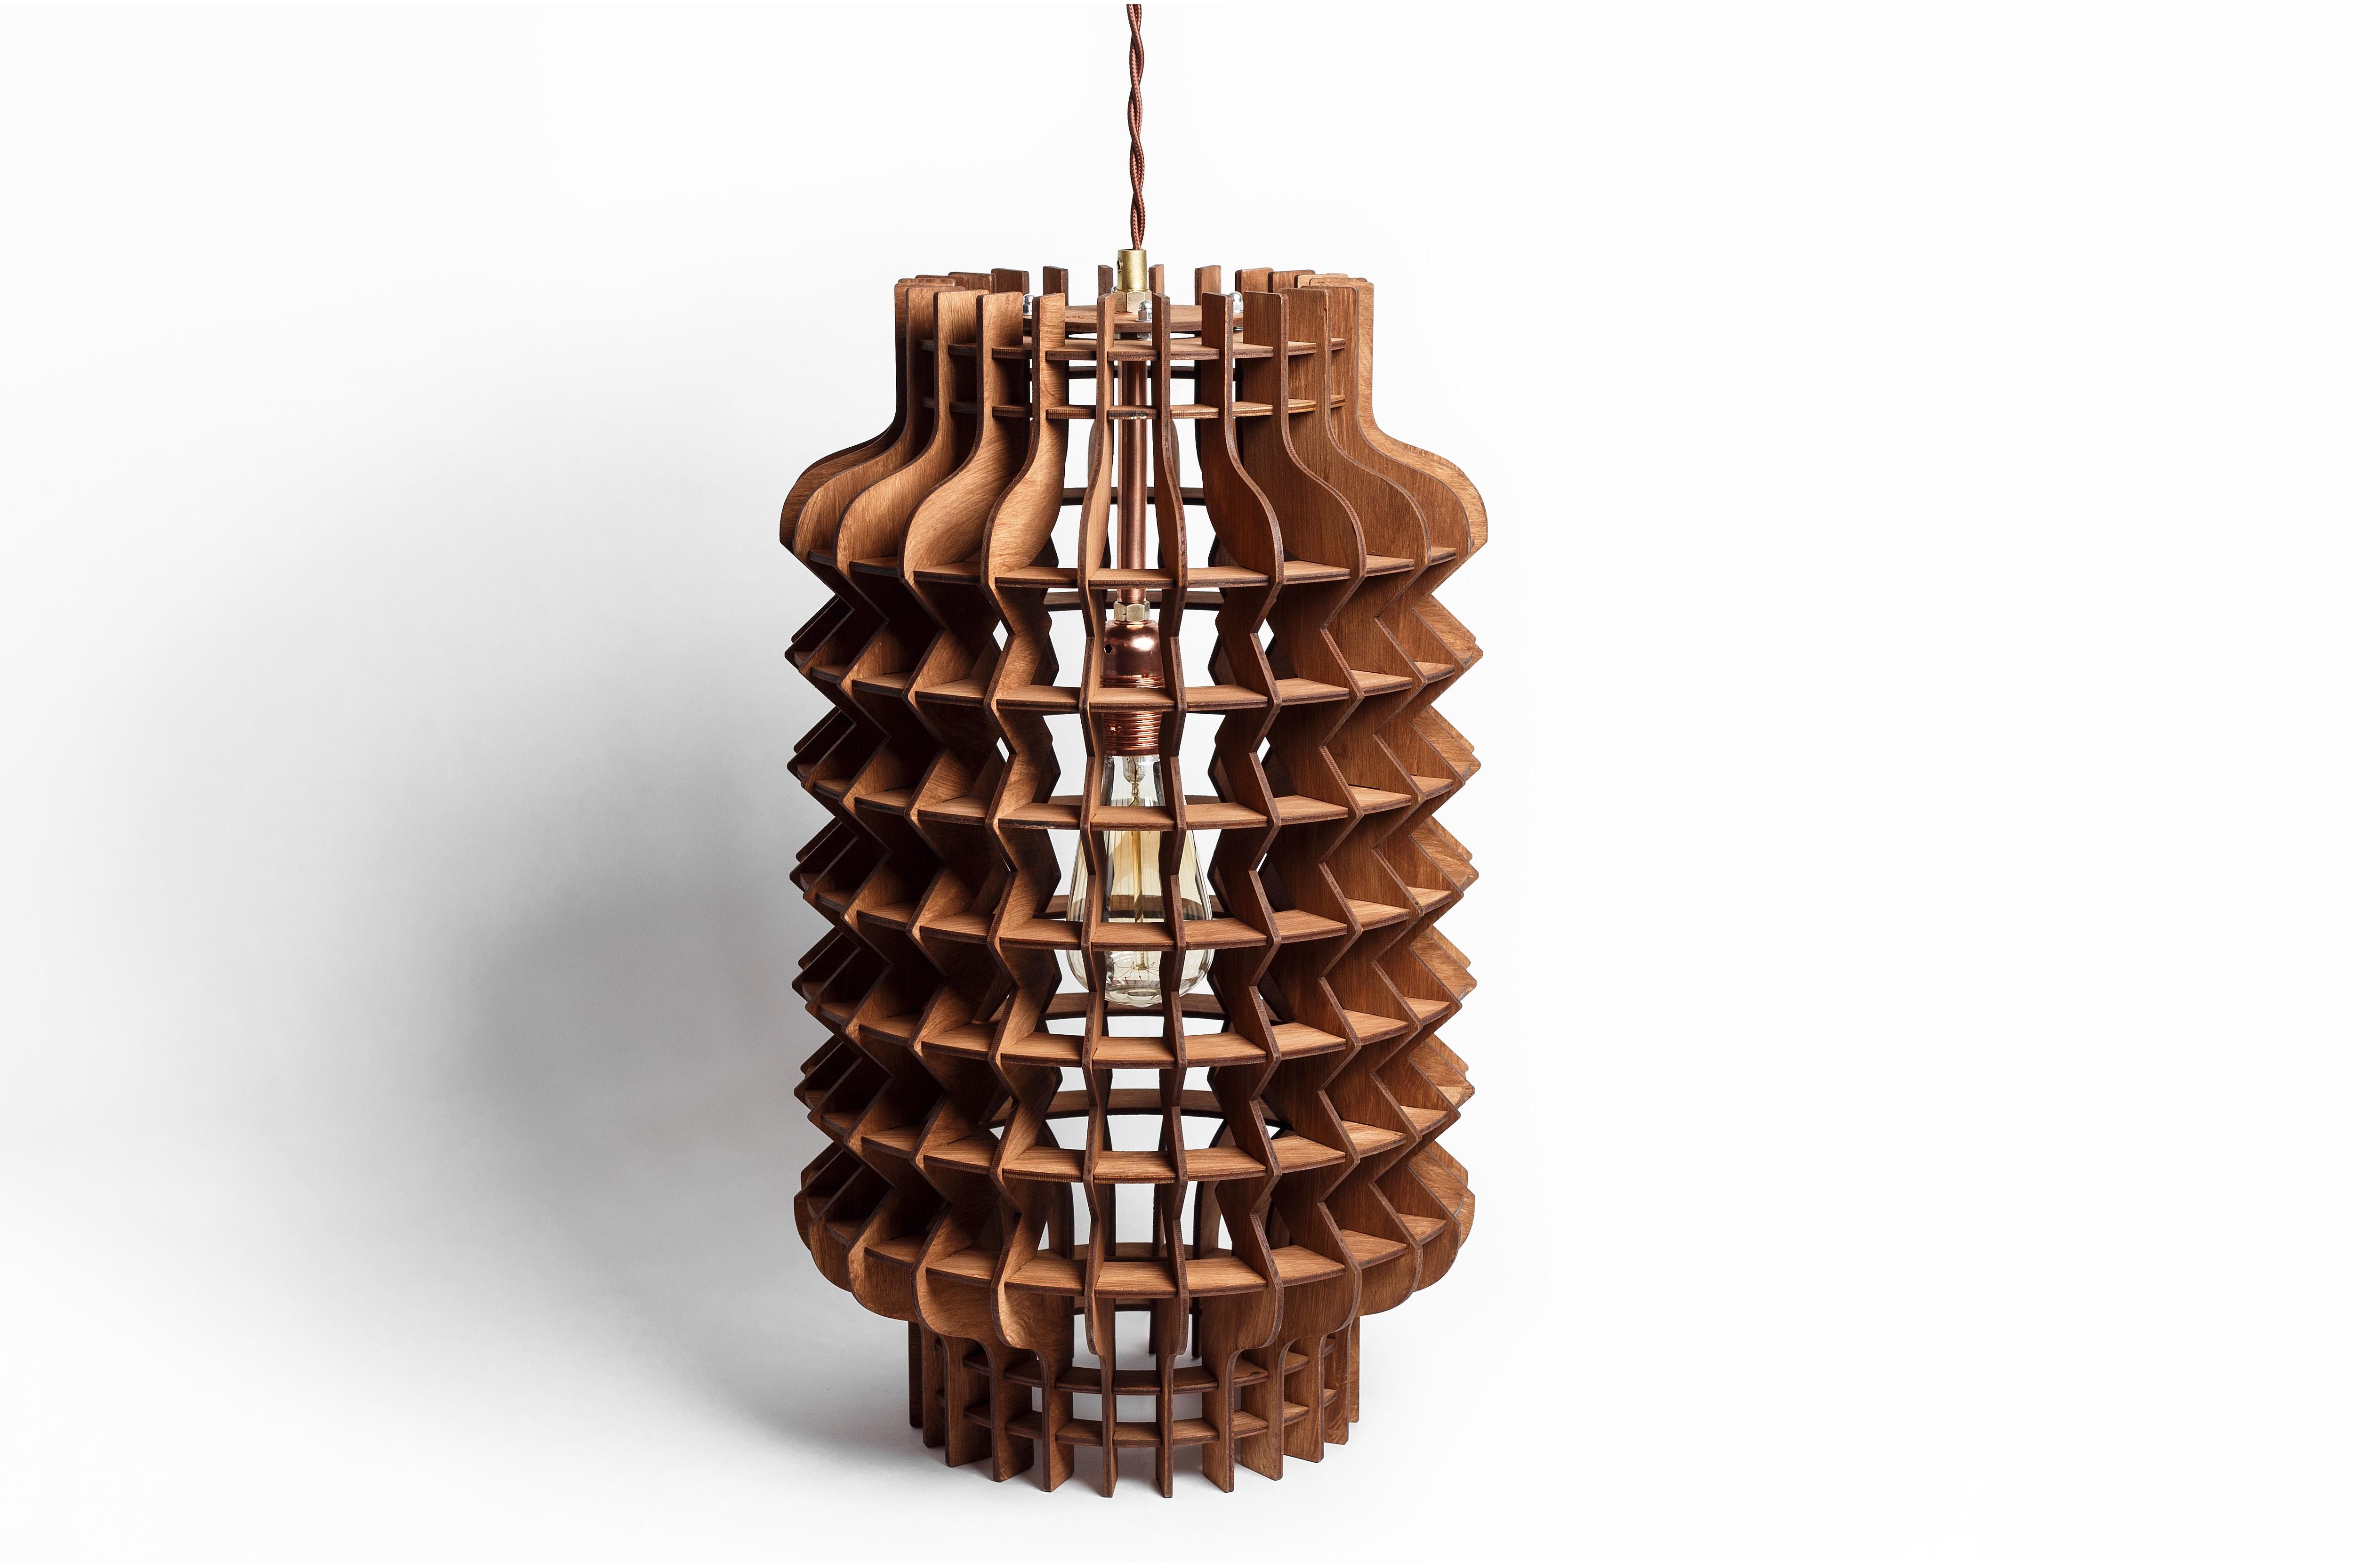 Деревянный светильник Китайская башняПодвесные светильники<br>Деревянная люстра в стиле Лофт. Возможно изготовление в двух цветах - натуральный ( покрытый лаком ) и темный ( мореный )&amp;amp;nbsp;&amp;lt;div&amp;gt;&amp;lt;br&amp;gt;&amp;lt;/div&amp;gt;&amp;lt;div&amp;gt;&amp;lt;div&amp;gt;Вид цоколя: E27&amp;lt;/div&amp;gt;&amp;lt;div&amp;gt;Мощность: 60W&amp;lt;/div&amp;gt;&amp;lt;div&amp;gt;Количество ламп: 1 (нет в комплекте)&amp;lt;/div&amp;gt;&amp;lt;/div&amp;gt;<br><br>Material: Дерево<br>Высота см: 50